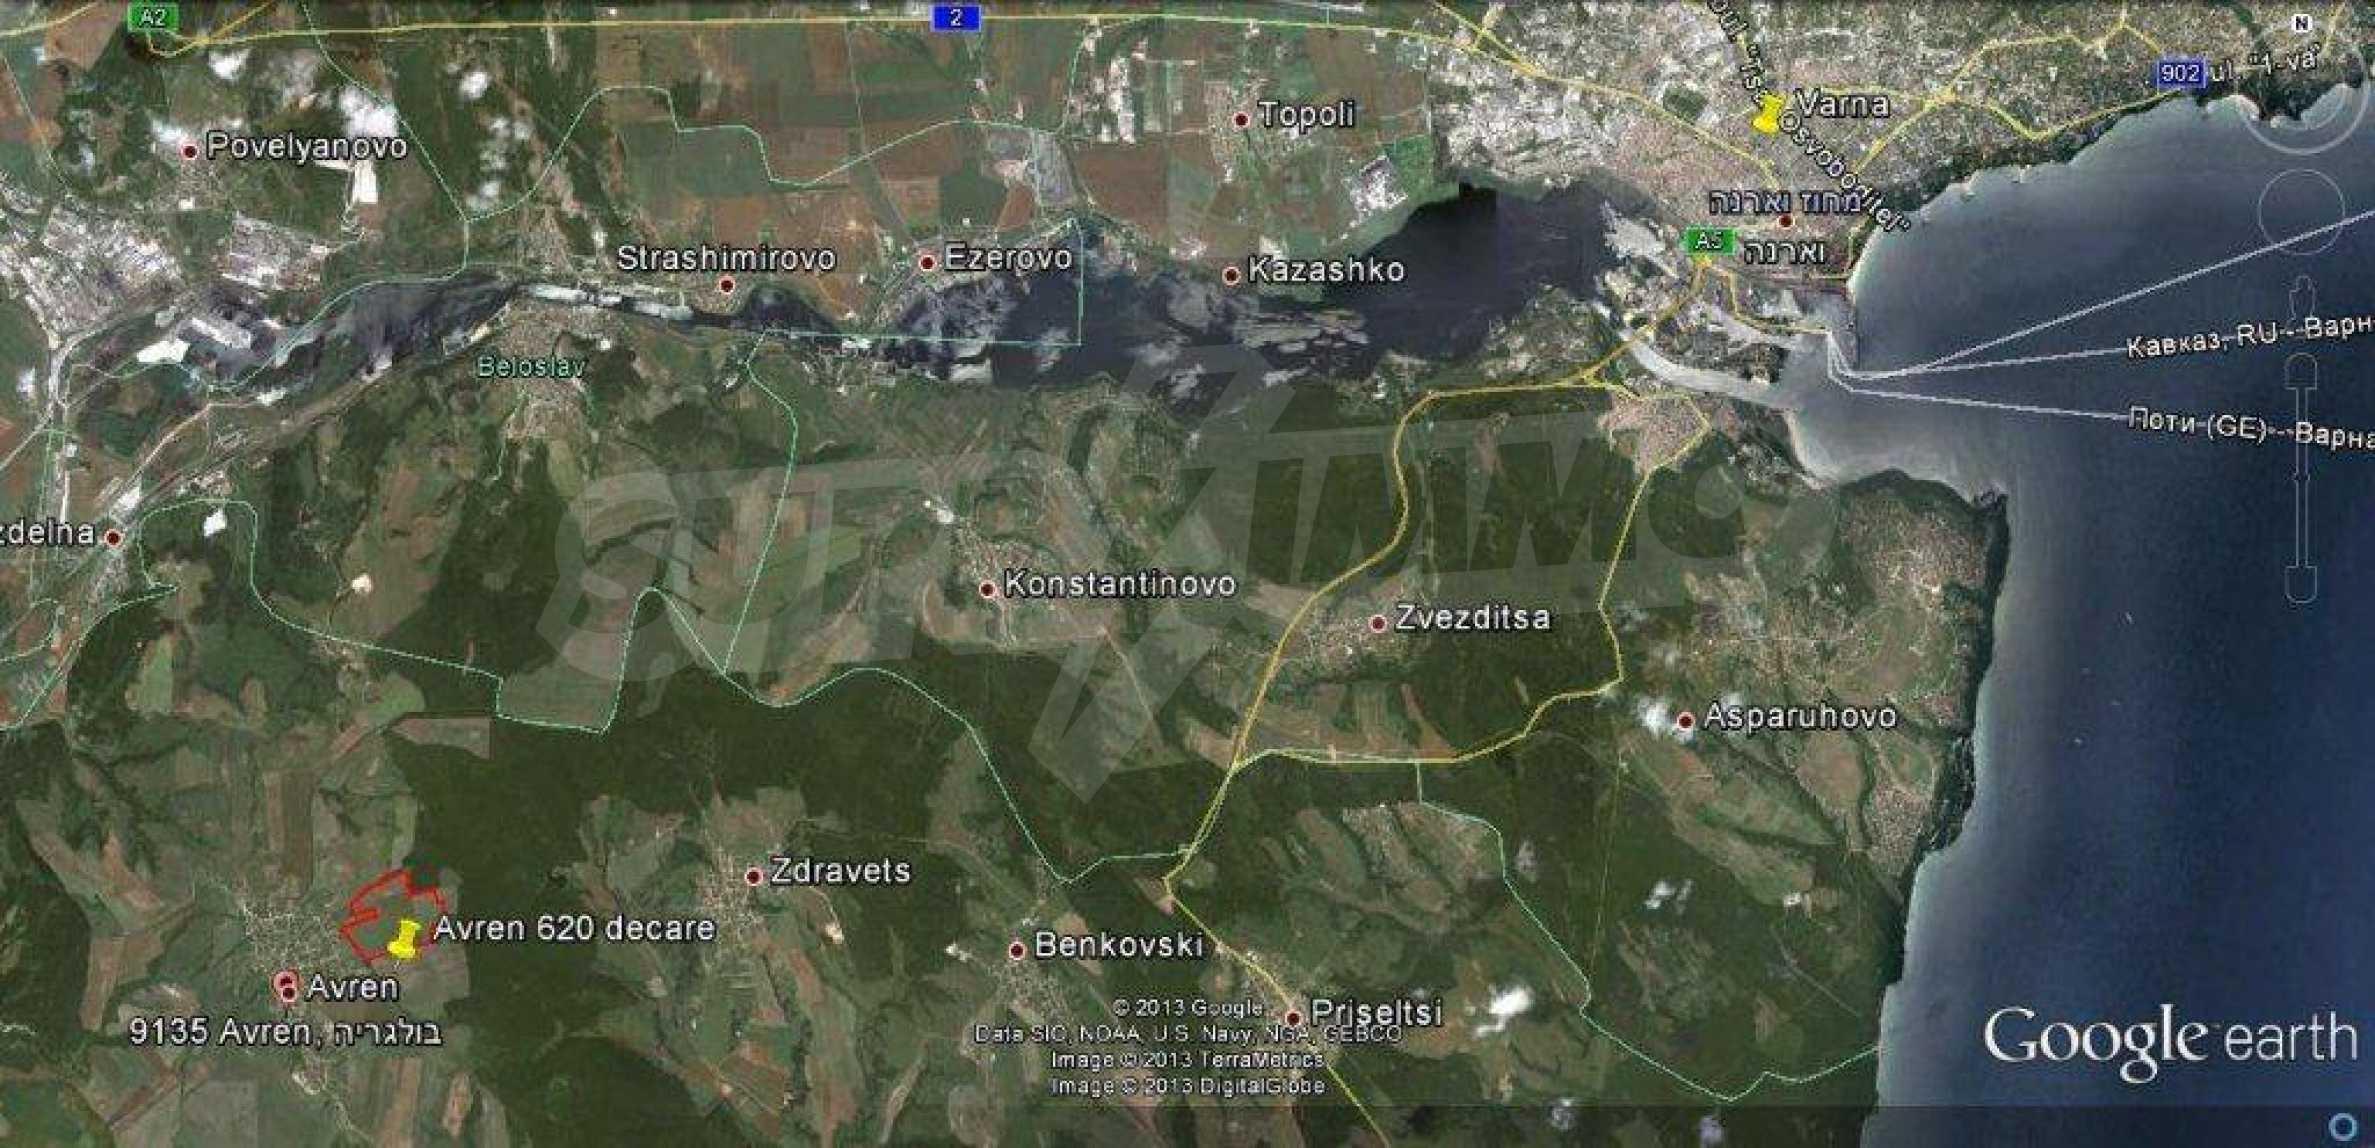 Large plot of land for sale in Avren 2